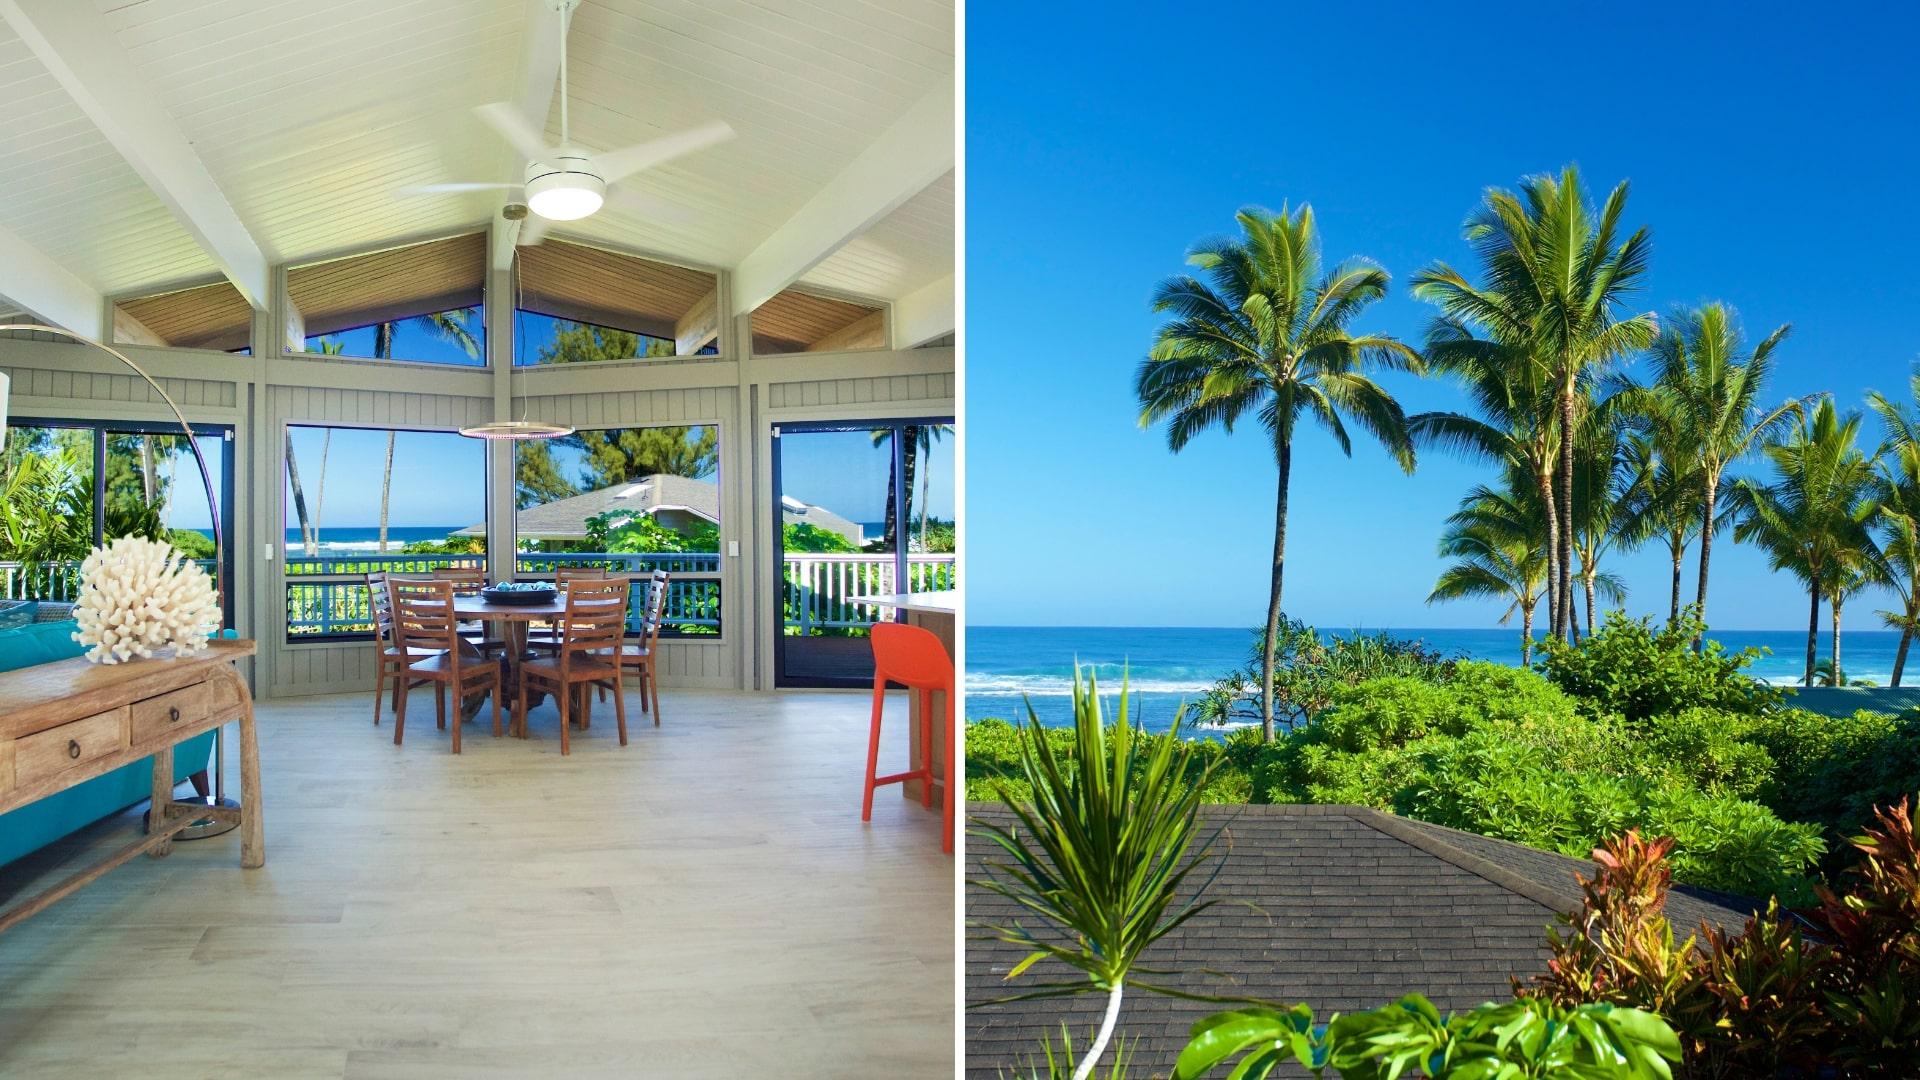 Haena Kai Kauai Vacation Rental